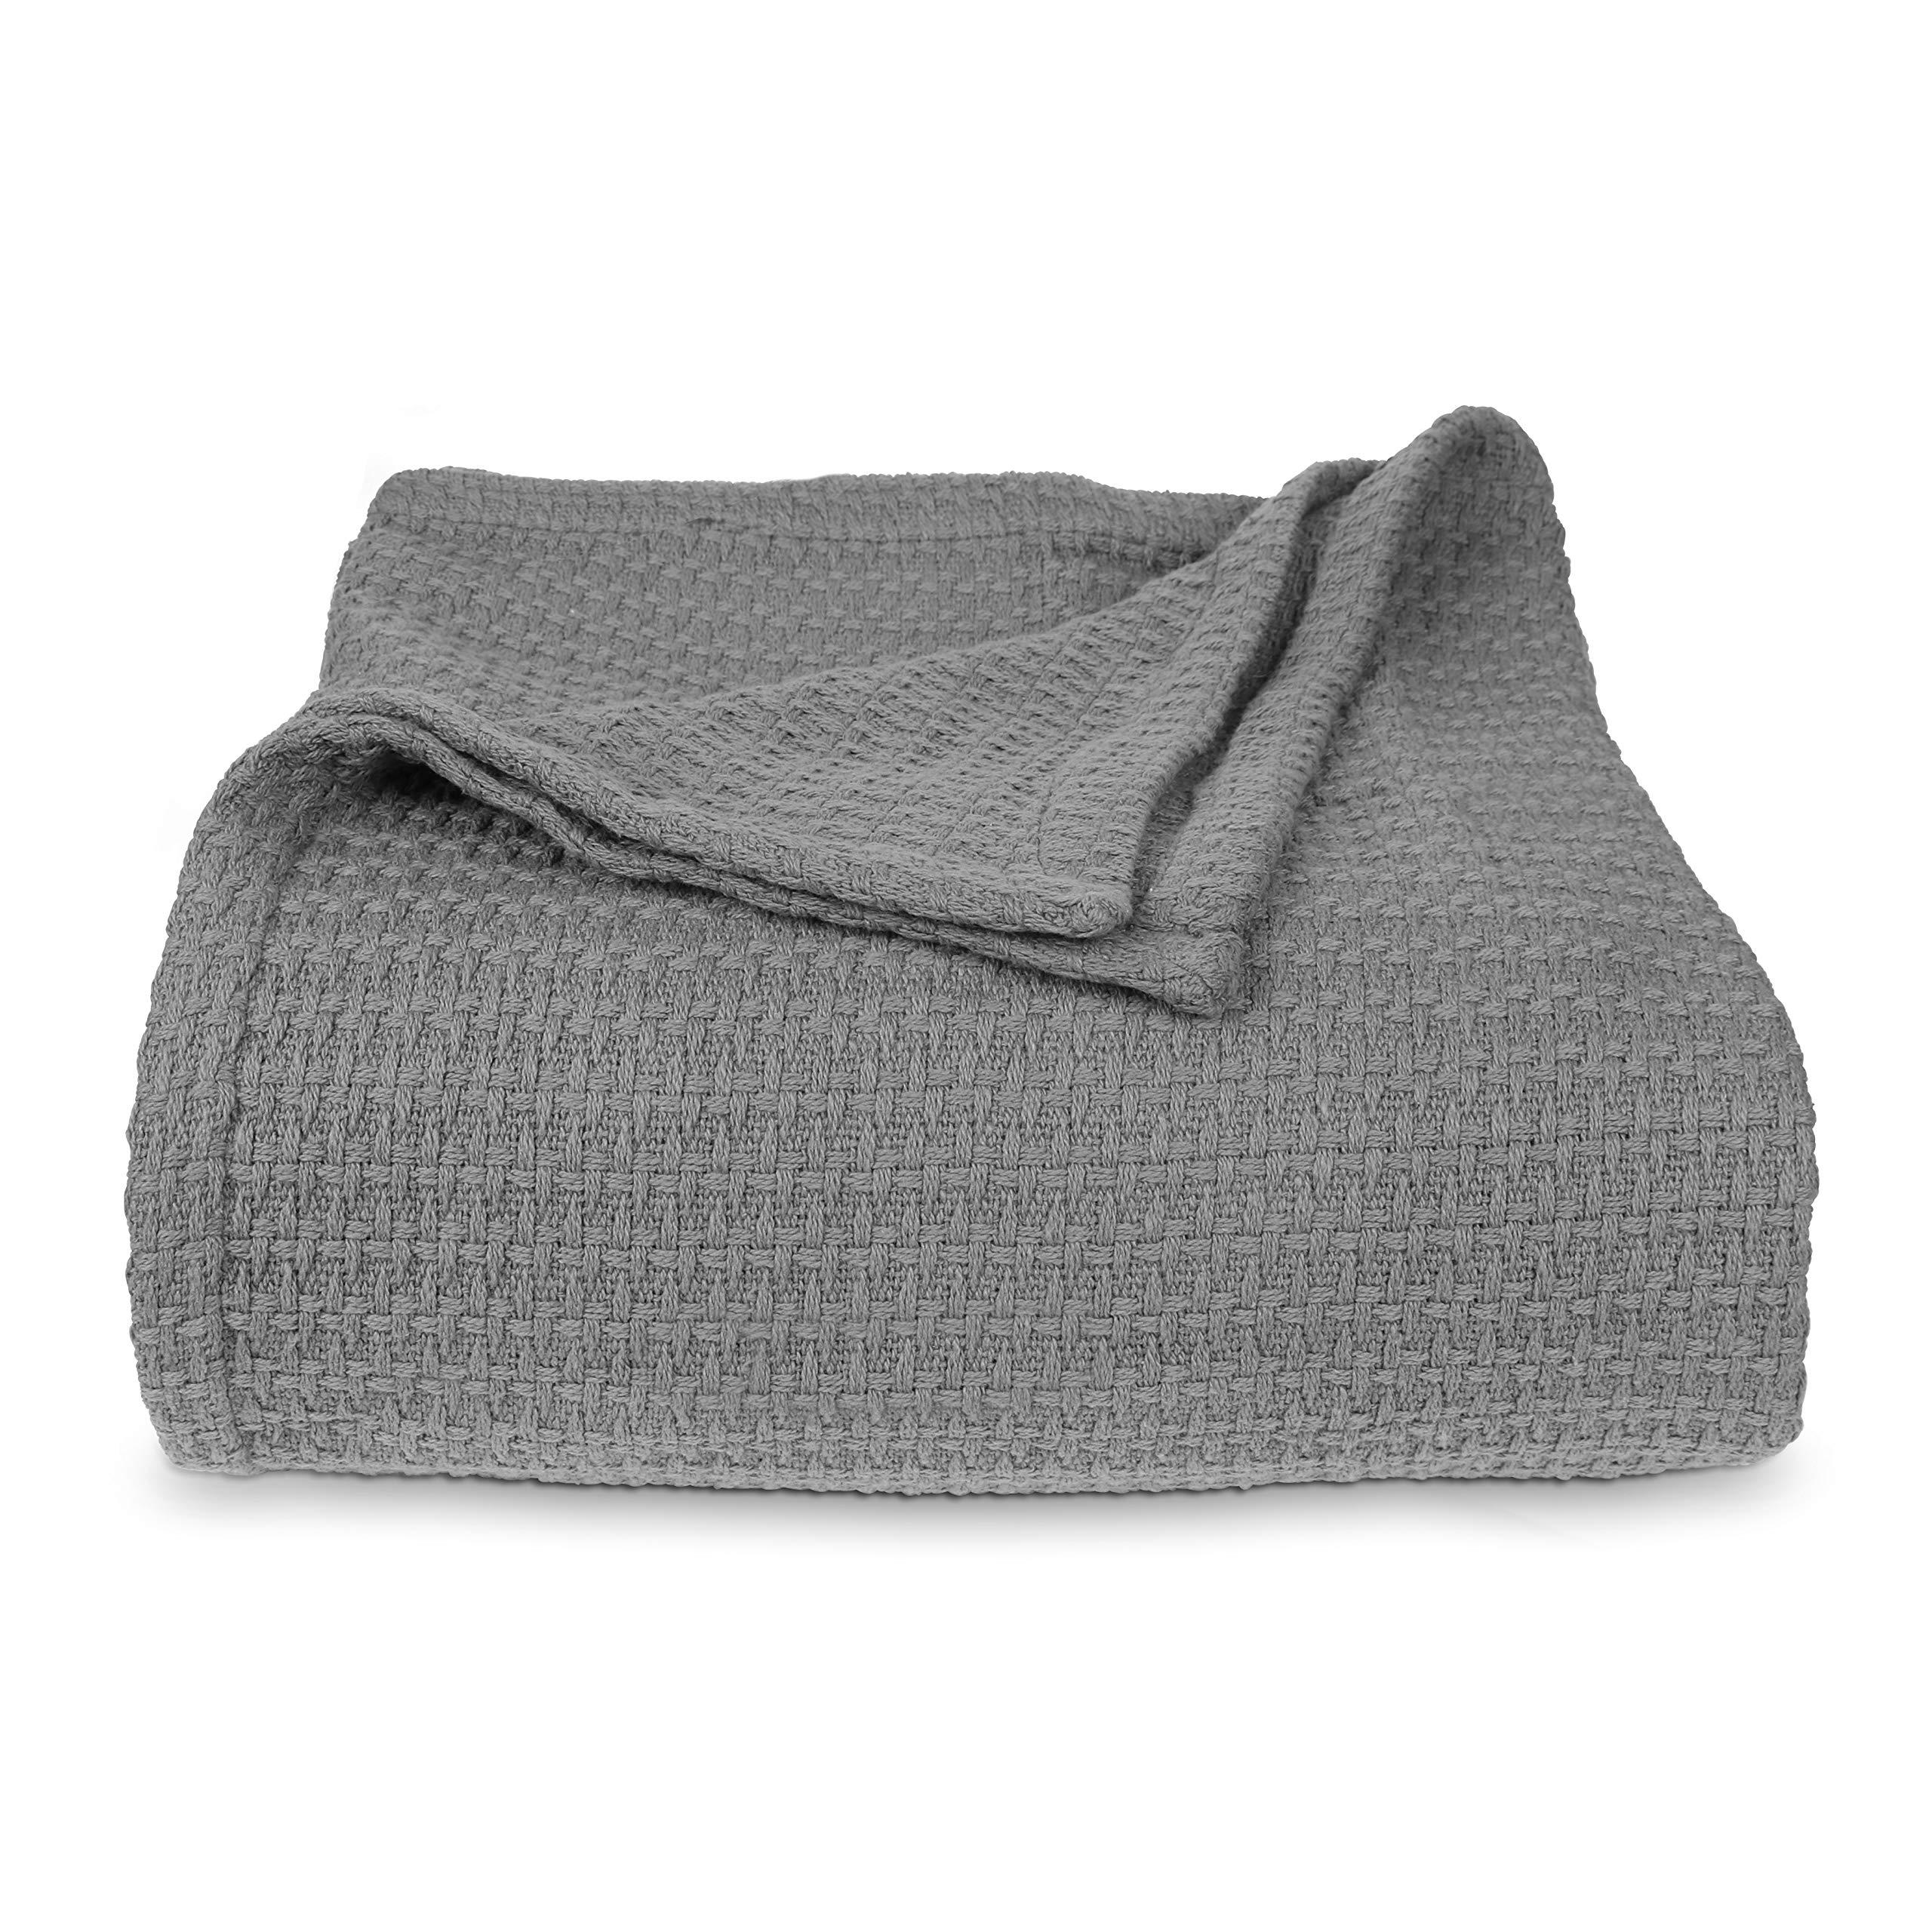 Manta de hotel – suave y lujosa manta de algodón – manta de verano e invierno – cálida, acogedora